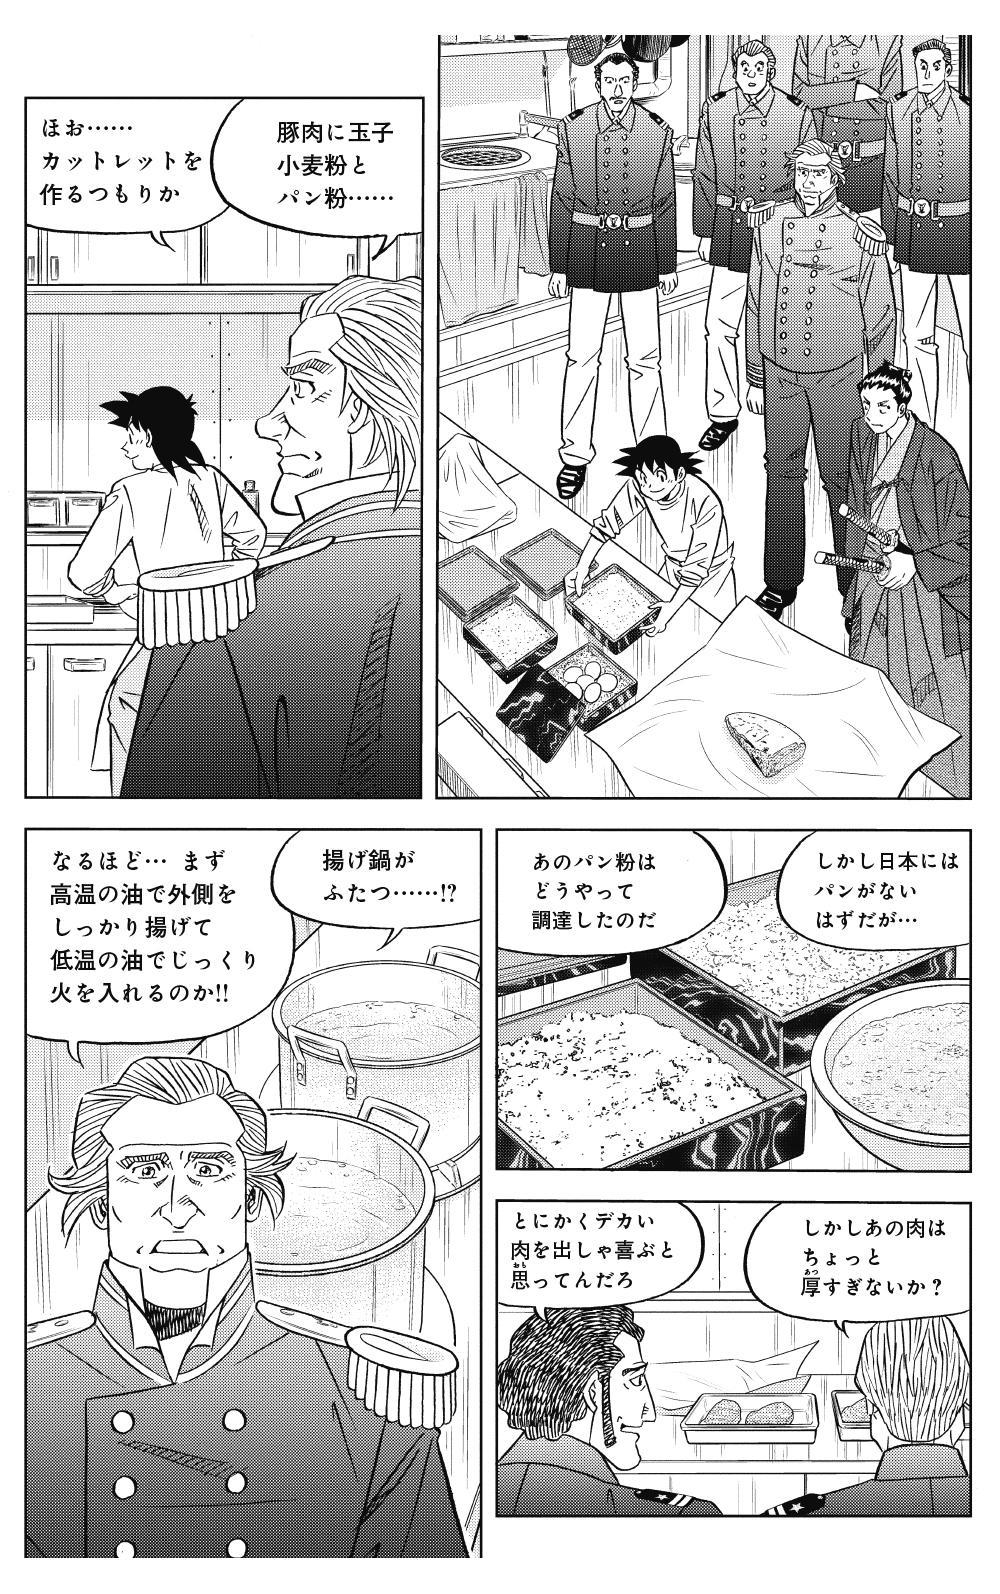 ミスター味っ子 幕末編 第1話「黒船来航」③ajikko29.jpg